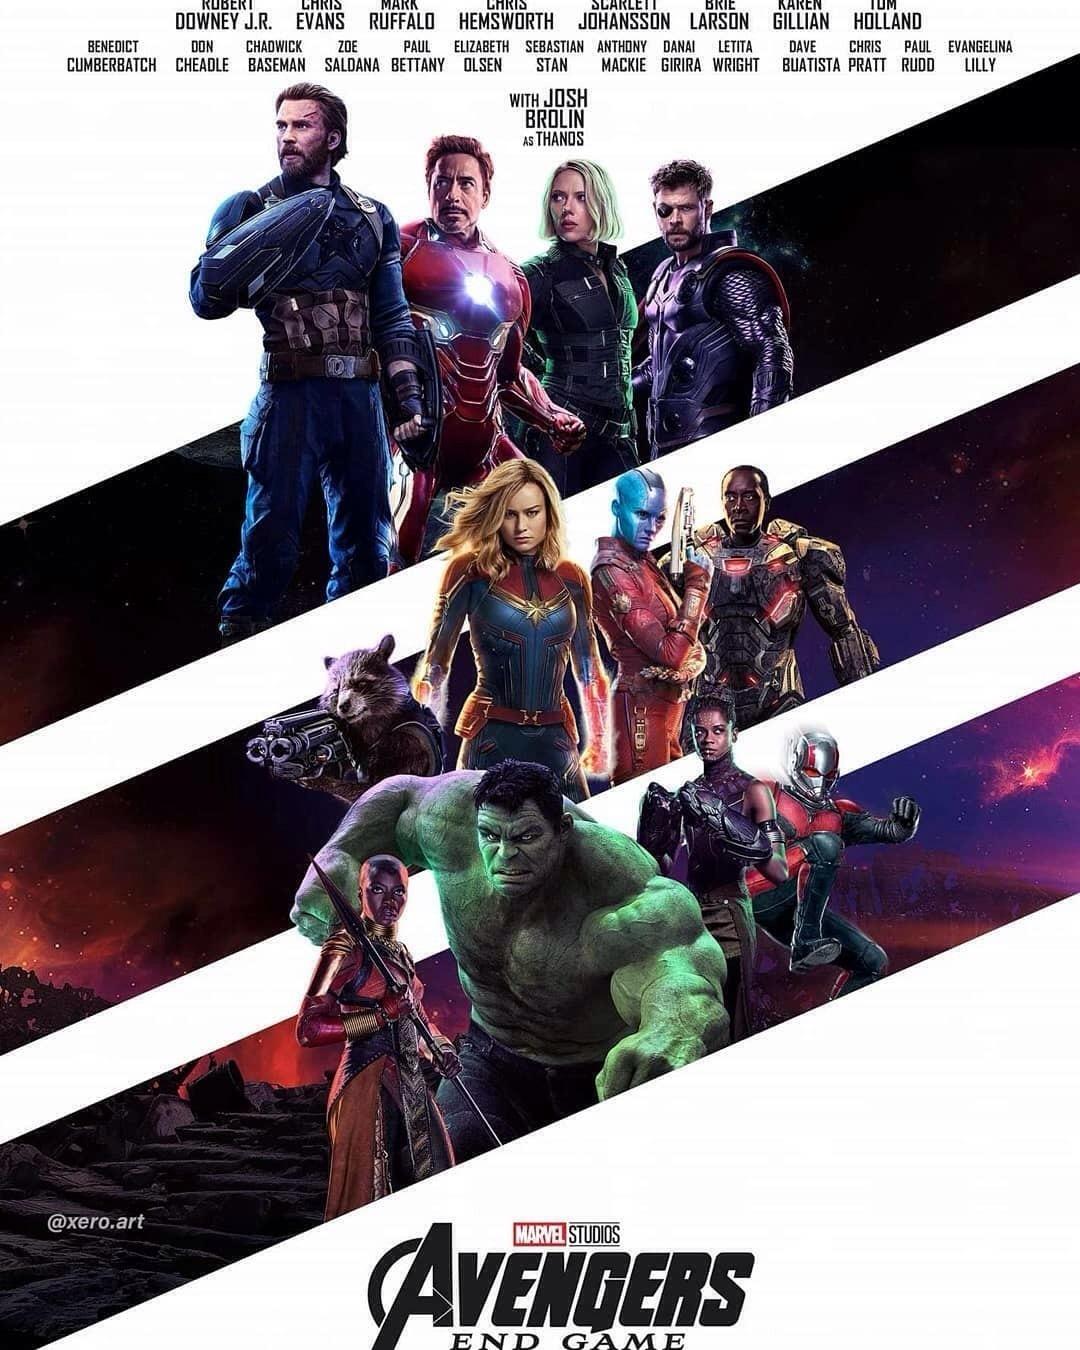 avengers endgame 2019 movie poster